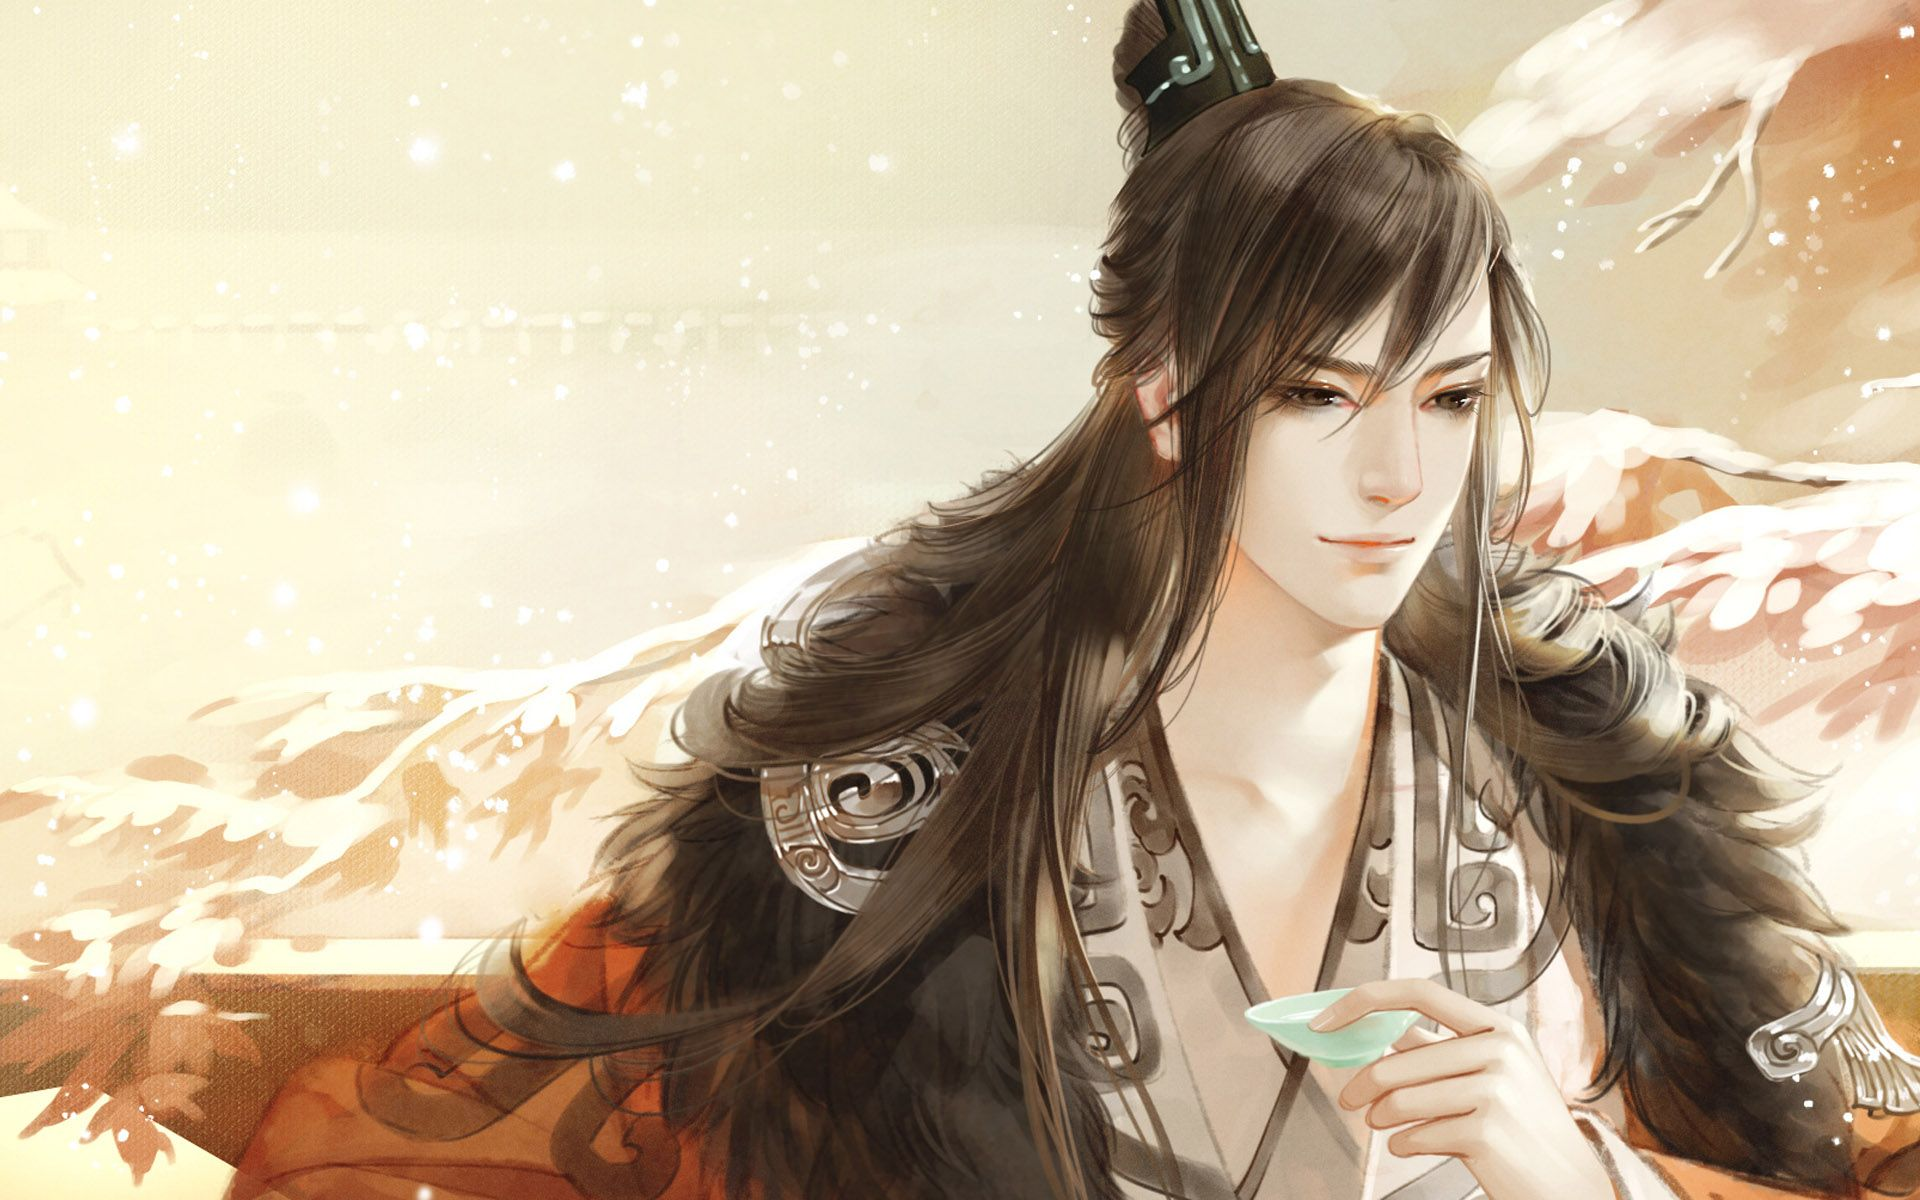 Hình ảnh anime cổ trang sắc thái vương giả